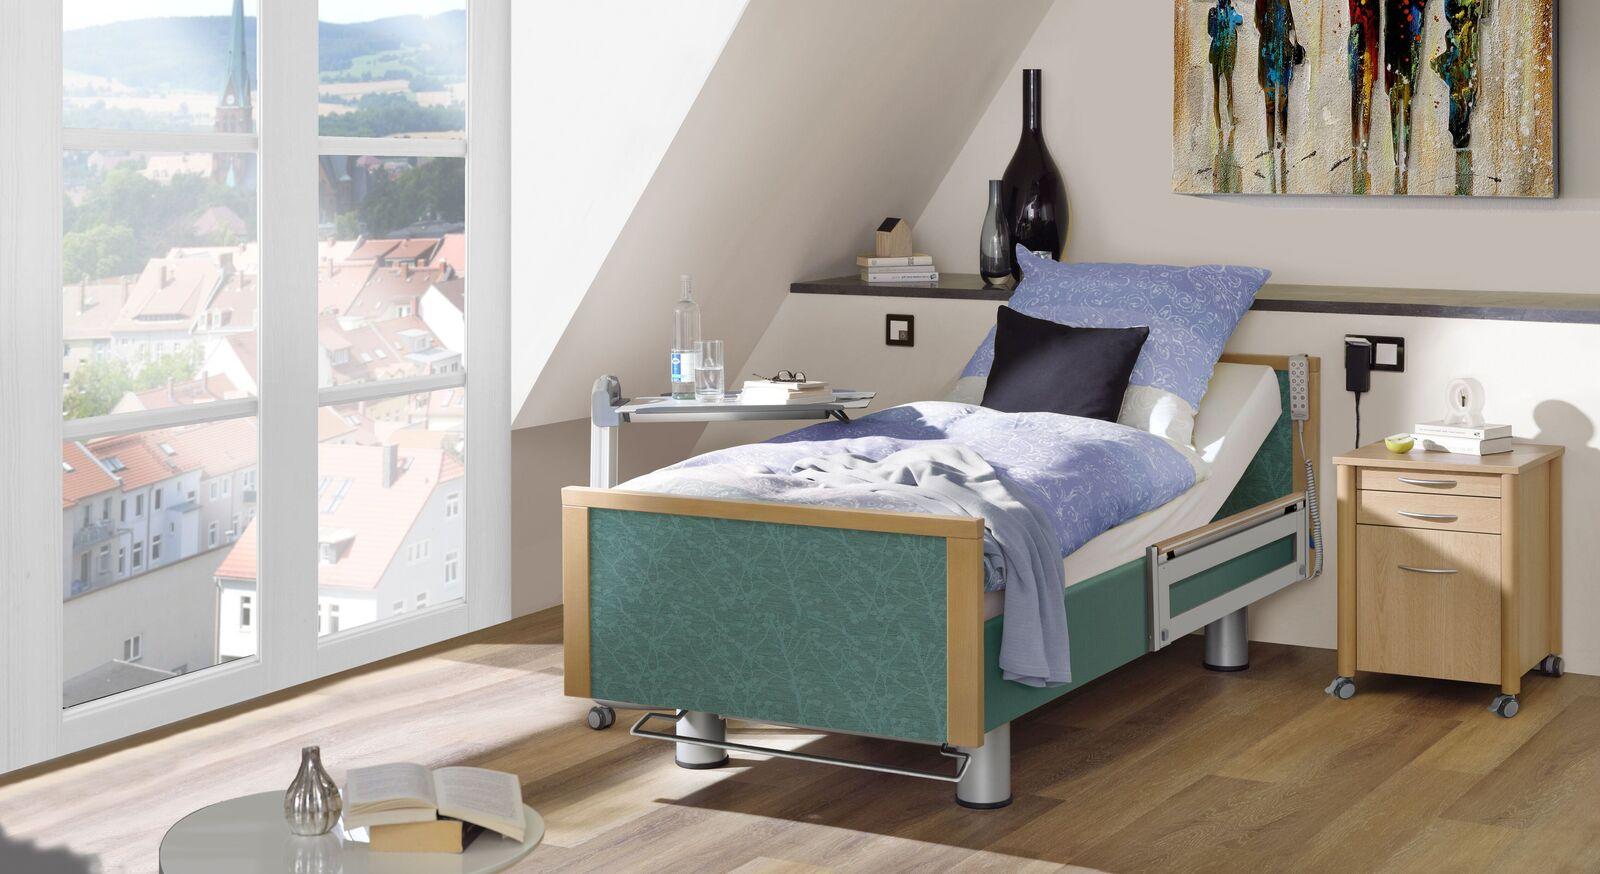 Passende Produkte zum Komfortbett mit Pflegebett-Funktion Sylt